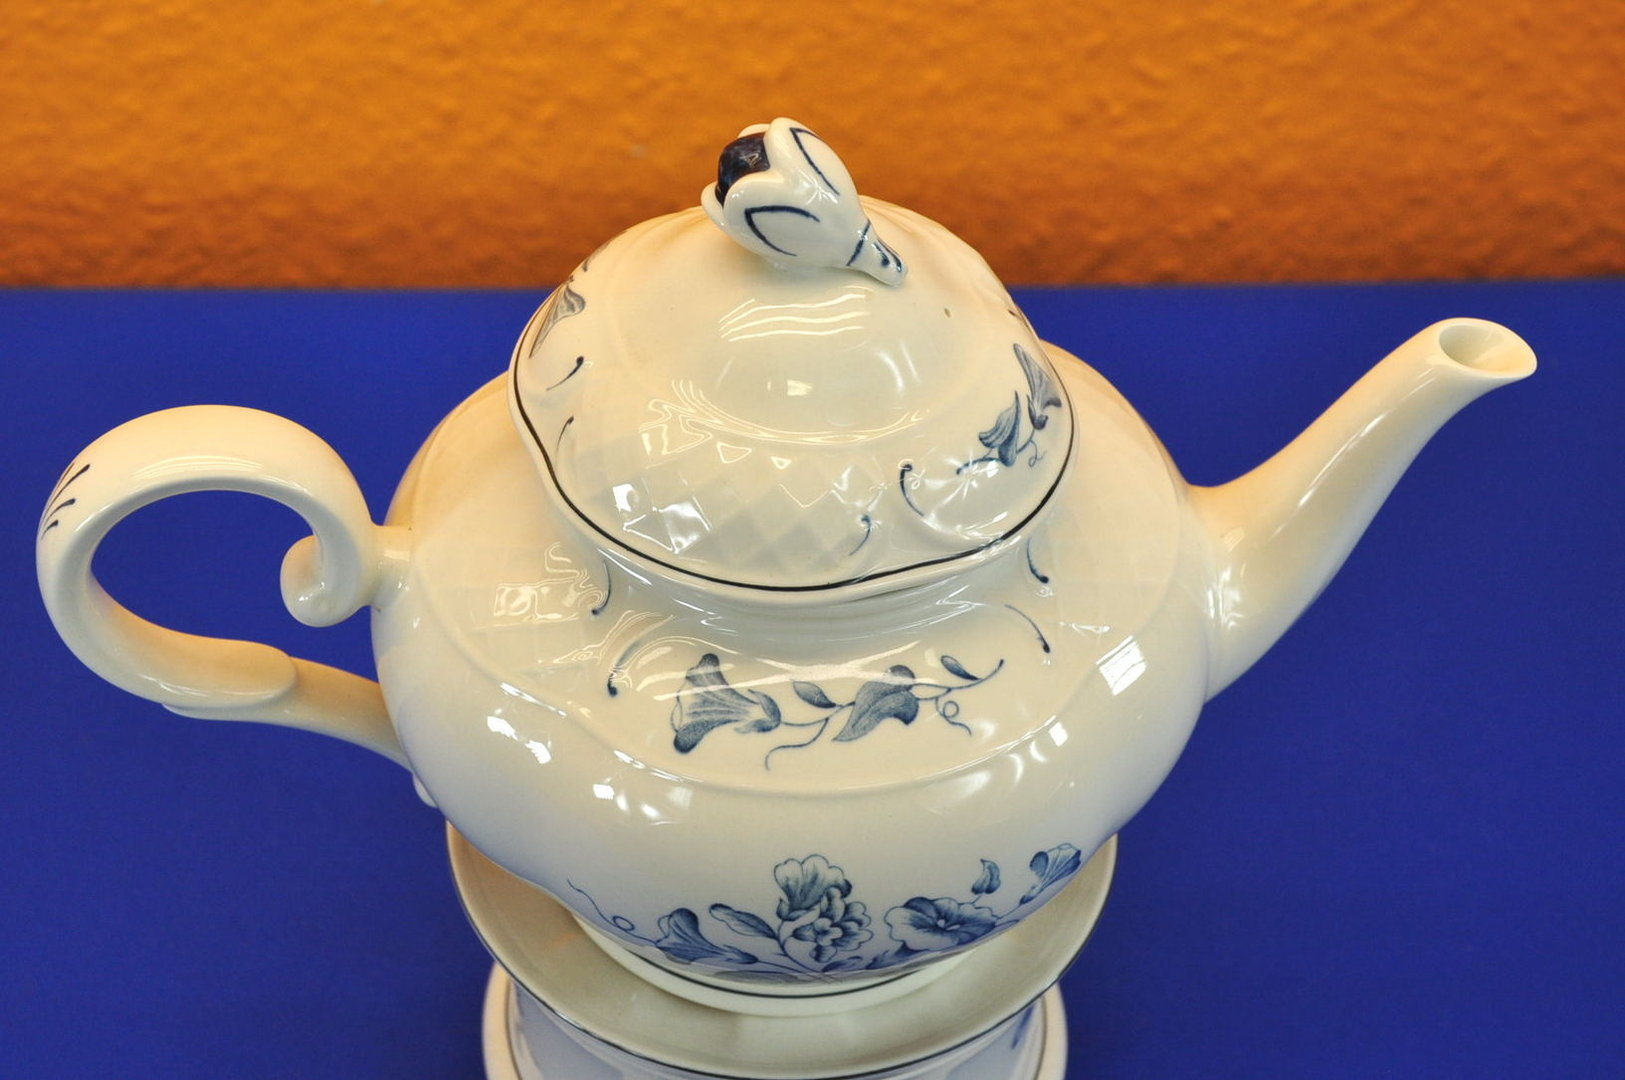 Teekanne Porzellan Mit Stövchen villeroy boch val bleu teekanne und stövchen kusera